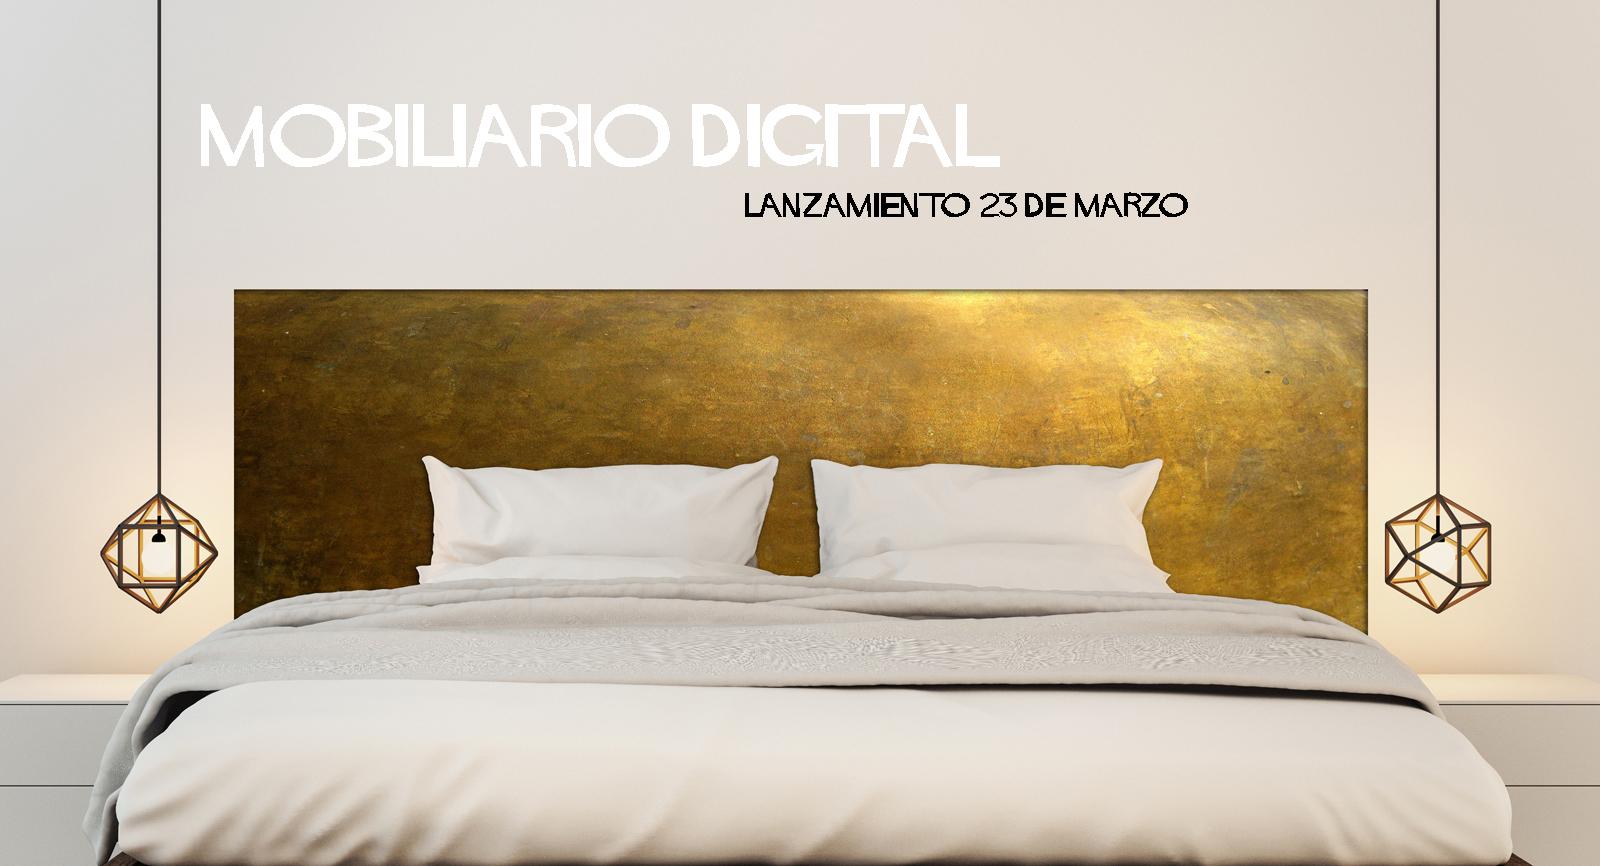 Presentaci N Mobiliario Digital Blog La Ventana De Colores # Muebles Cover Decoracion